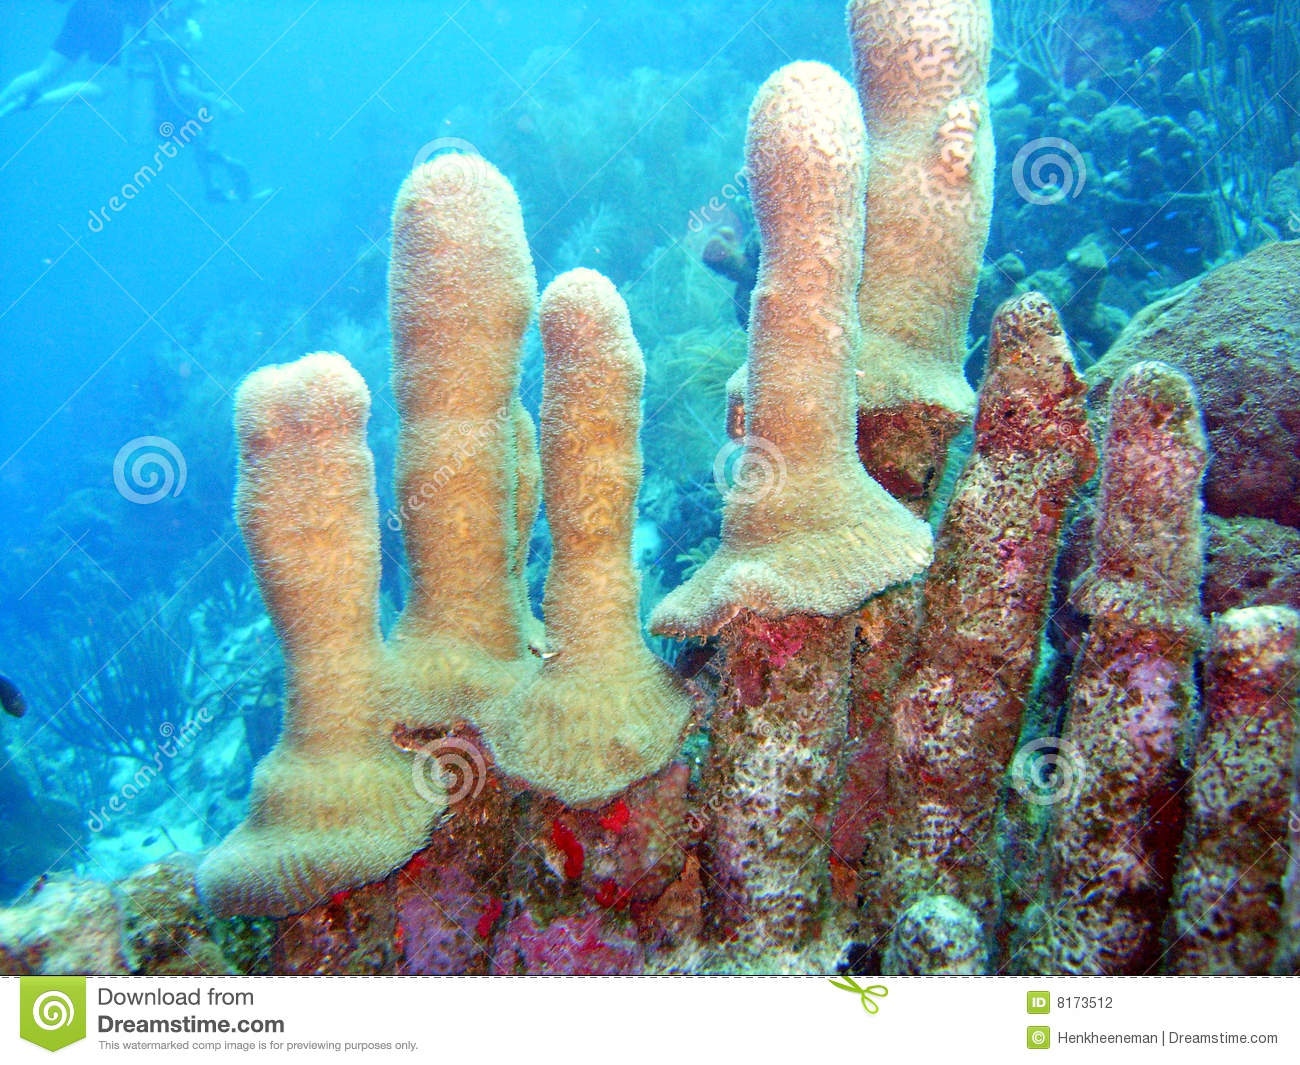 strange_coral1